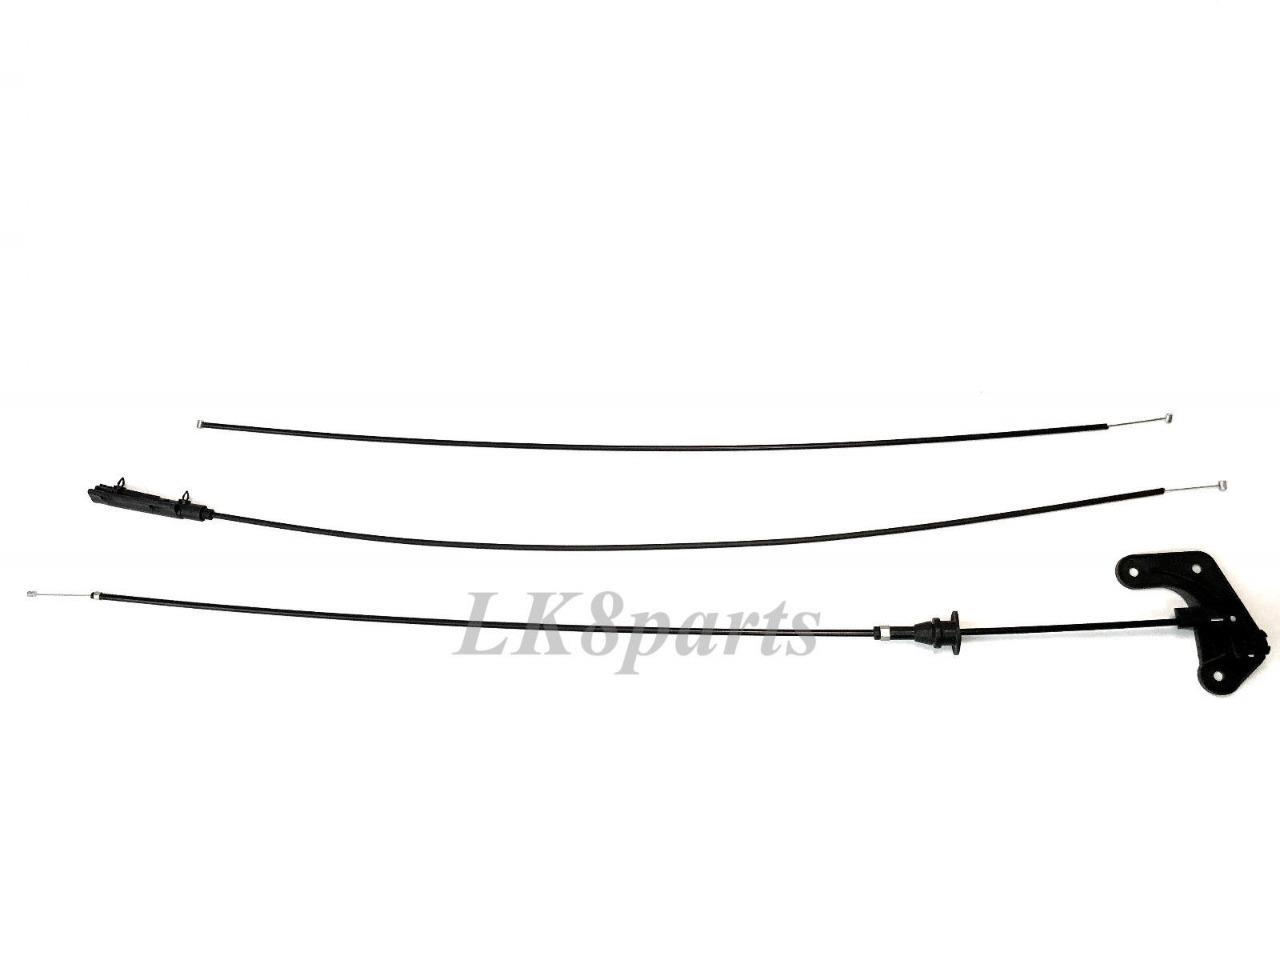 BOSCH Engine Air Filter Insert Fits OPEL Sintra 2.2-3.0L 1996-1999  2509 91 49